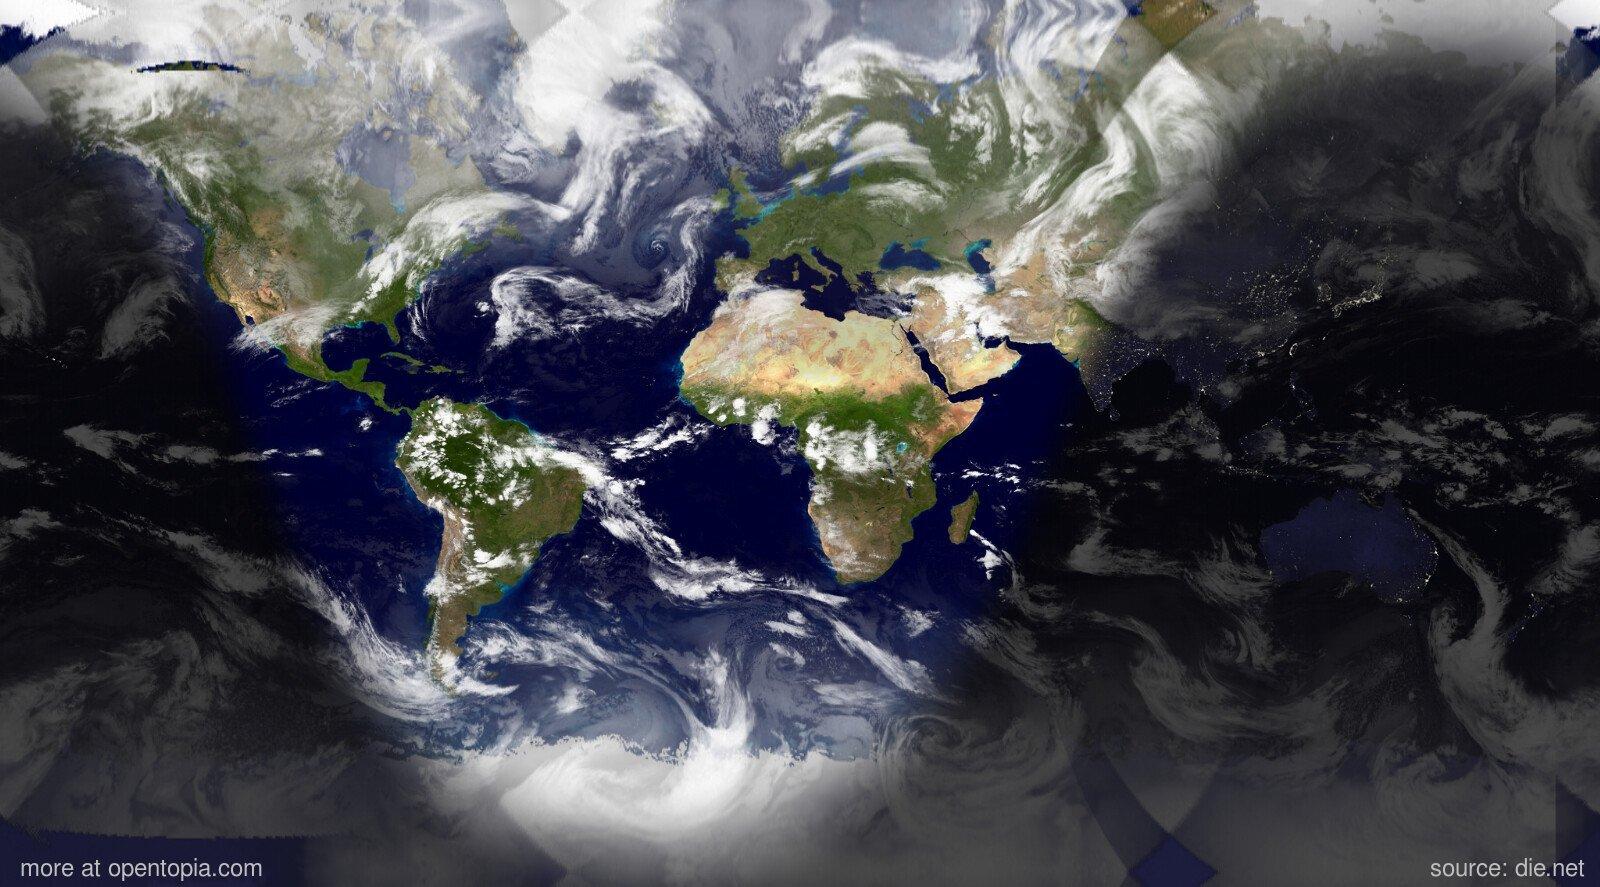 鲁虺文化探索引擎地球星光